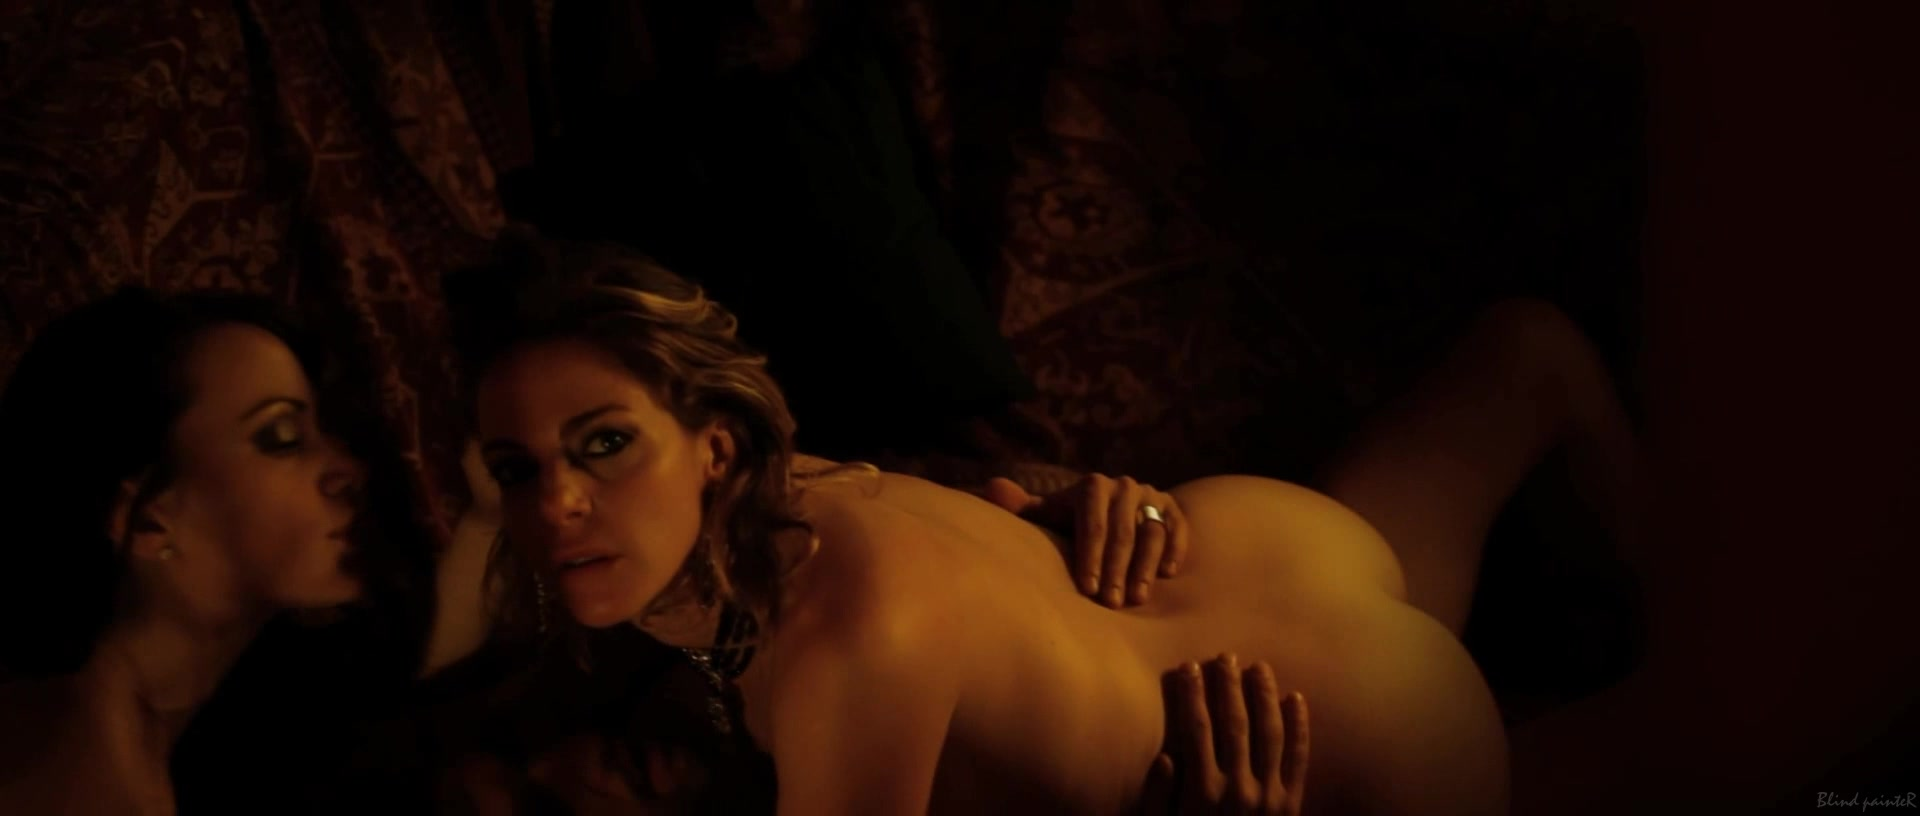 Naked fan bingbing sex